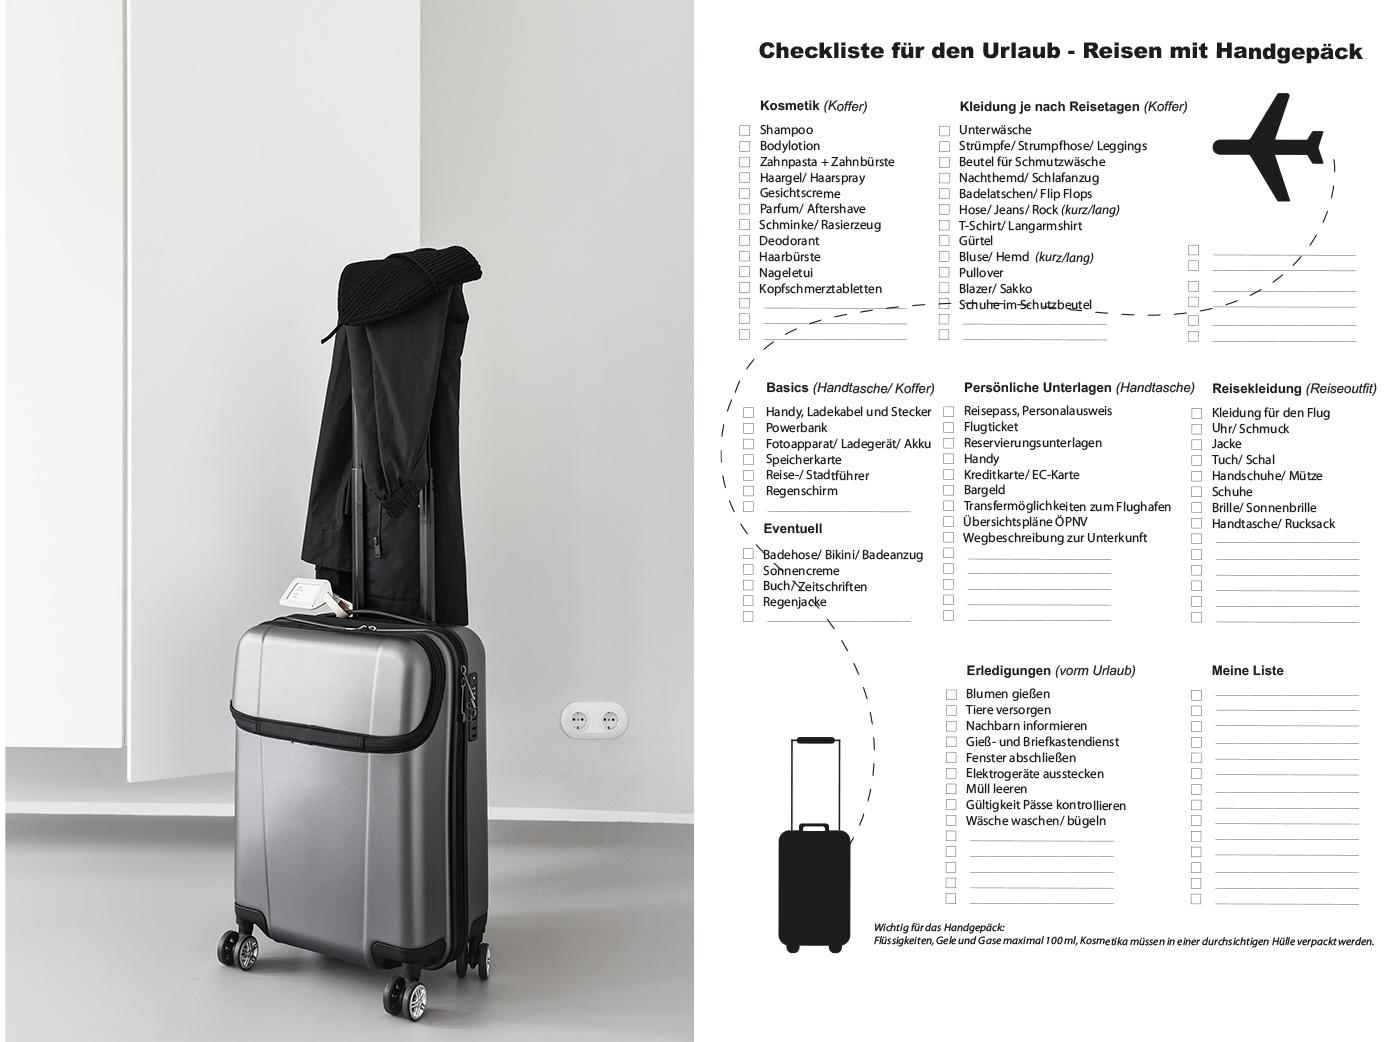 Wie packe ich meinen Koffer? Checkliste für den Urlaub!